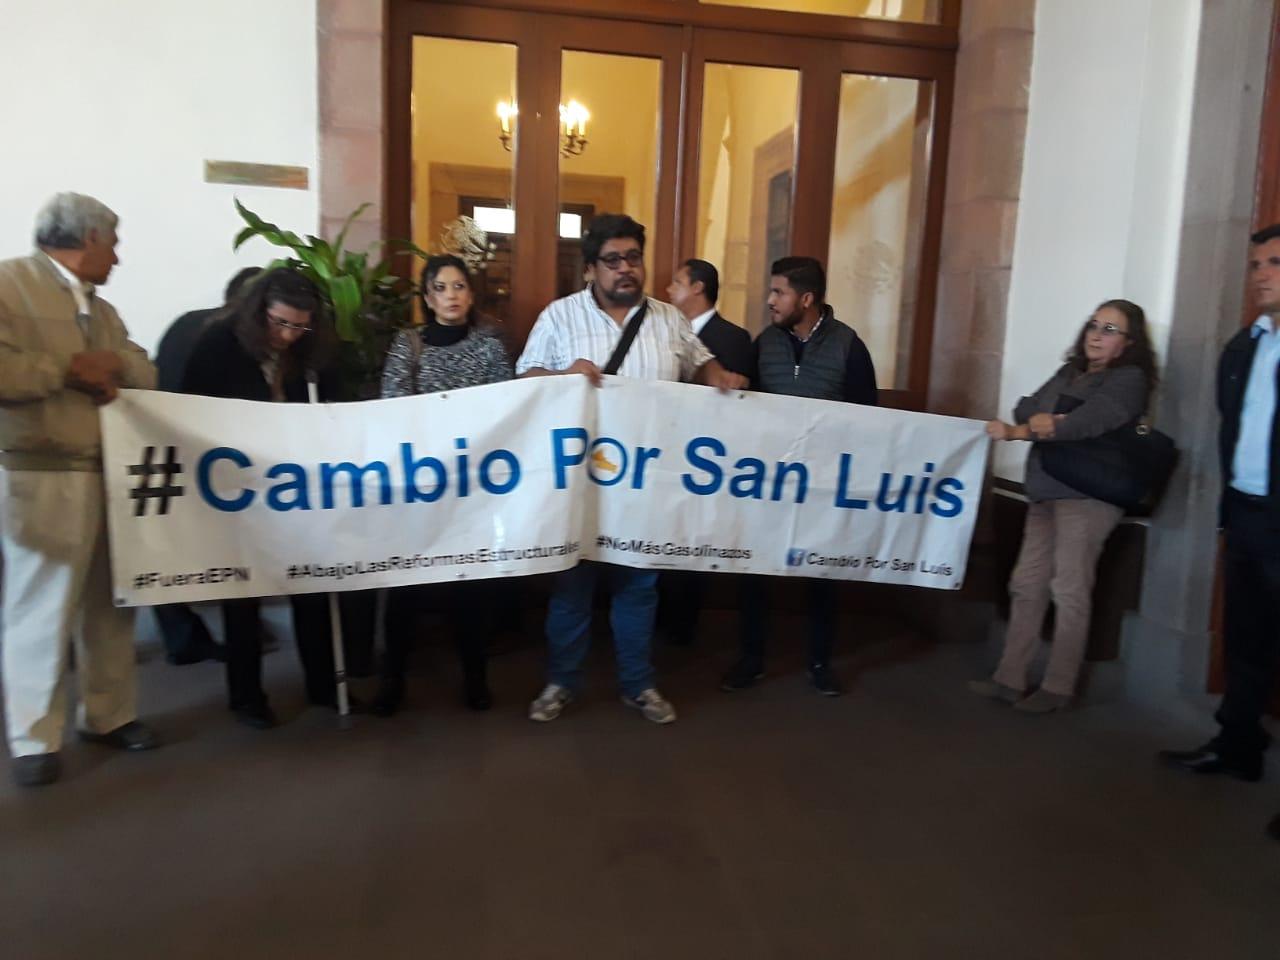 Carreras y Leal dejan plantados a ciudadanos que se oponen al aumento a tarifa de transporte